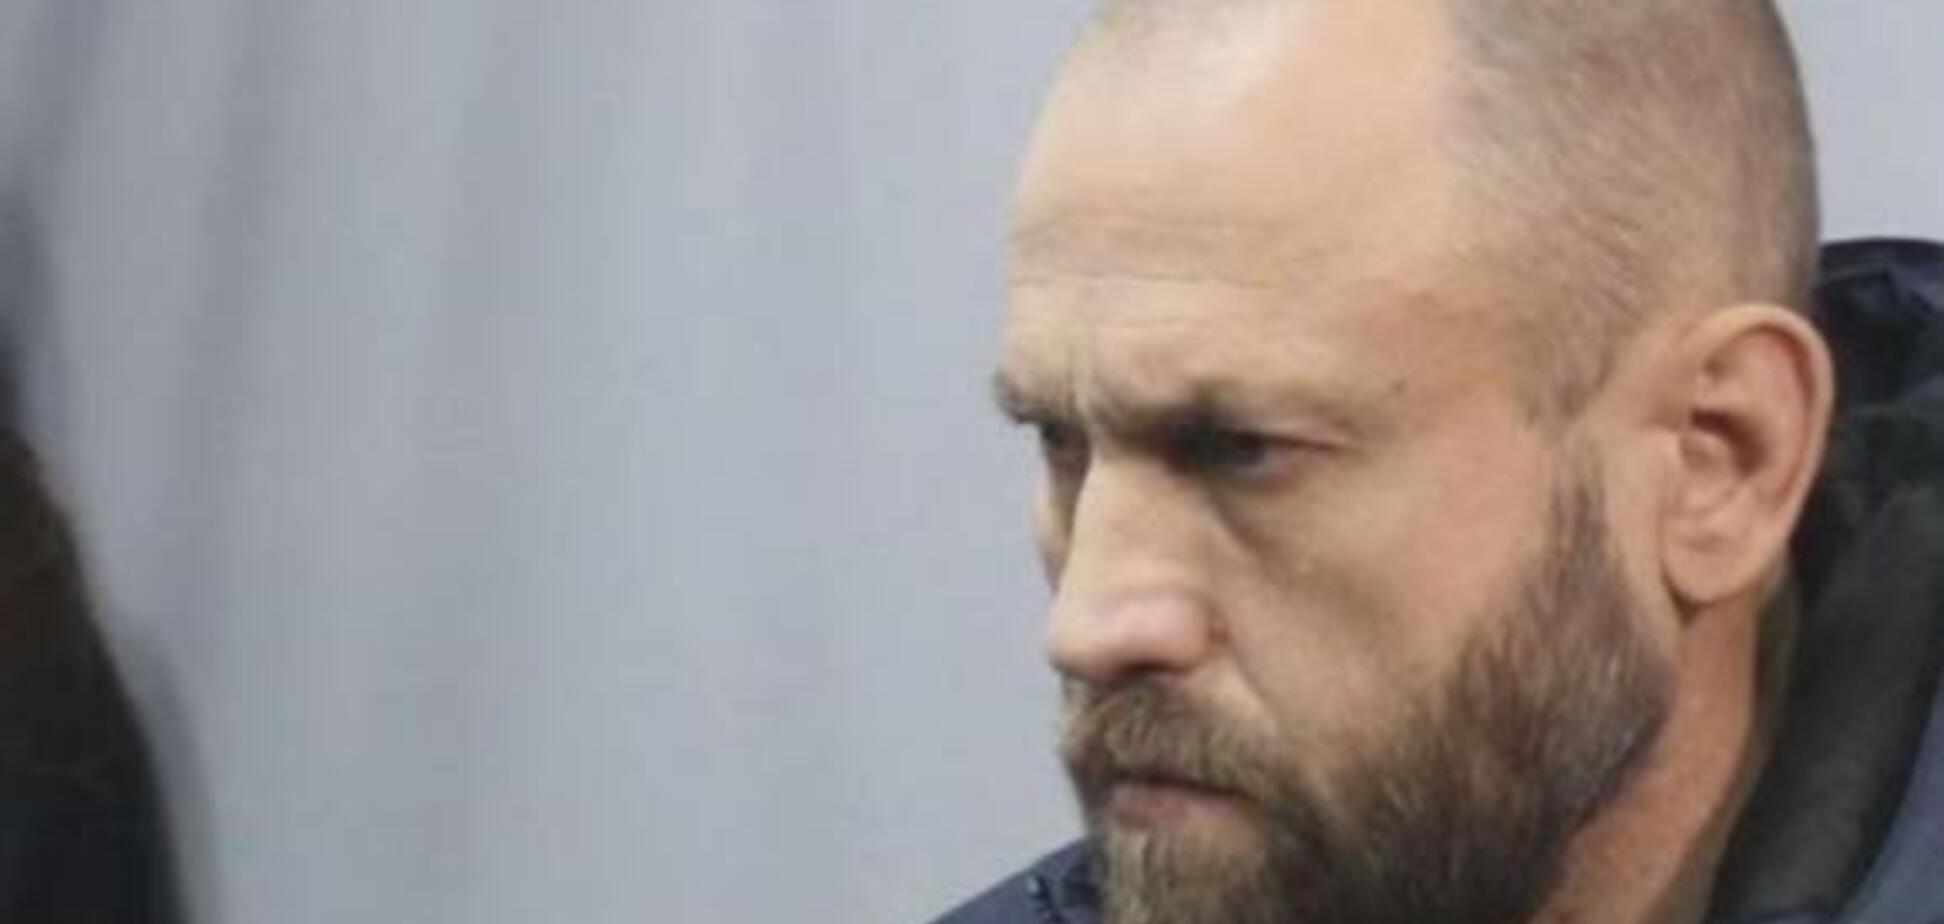 ДТП на Сумській у Харкові: у справі раптово почався новий виток